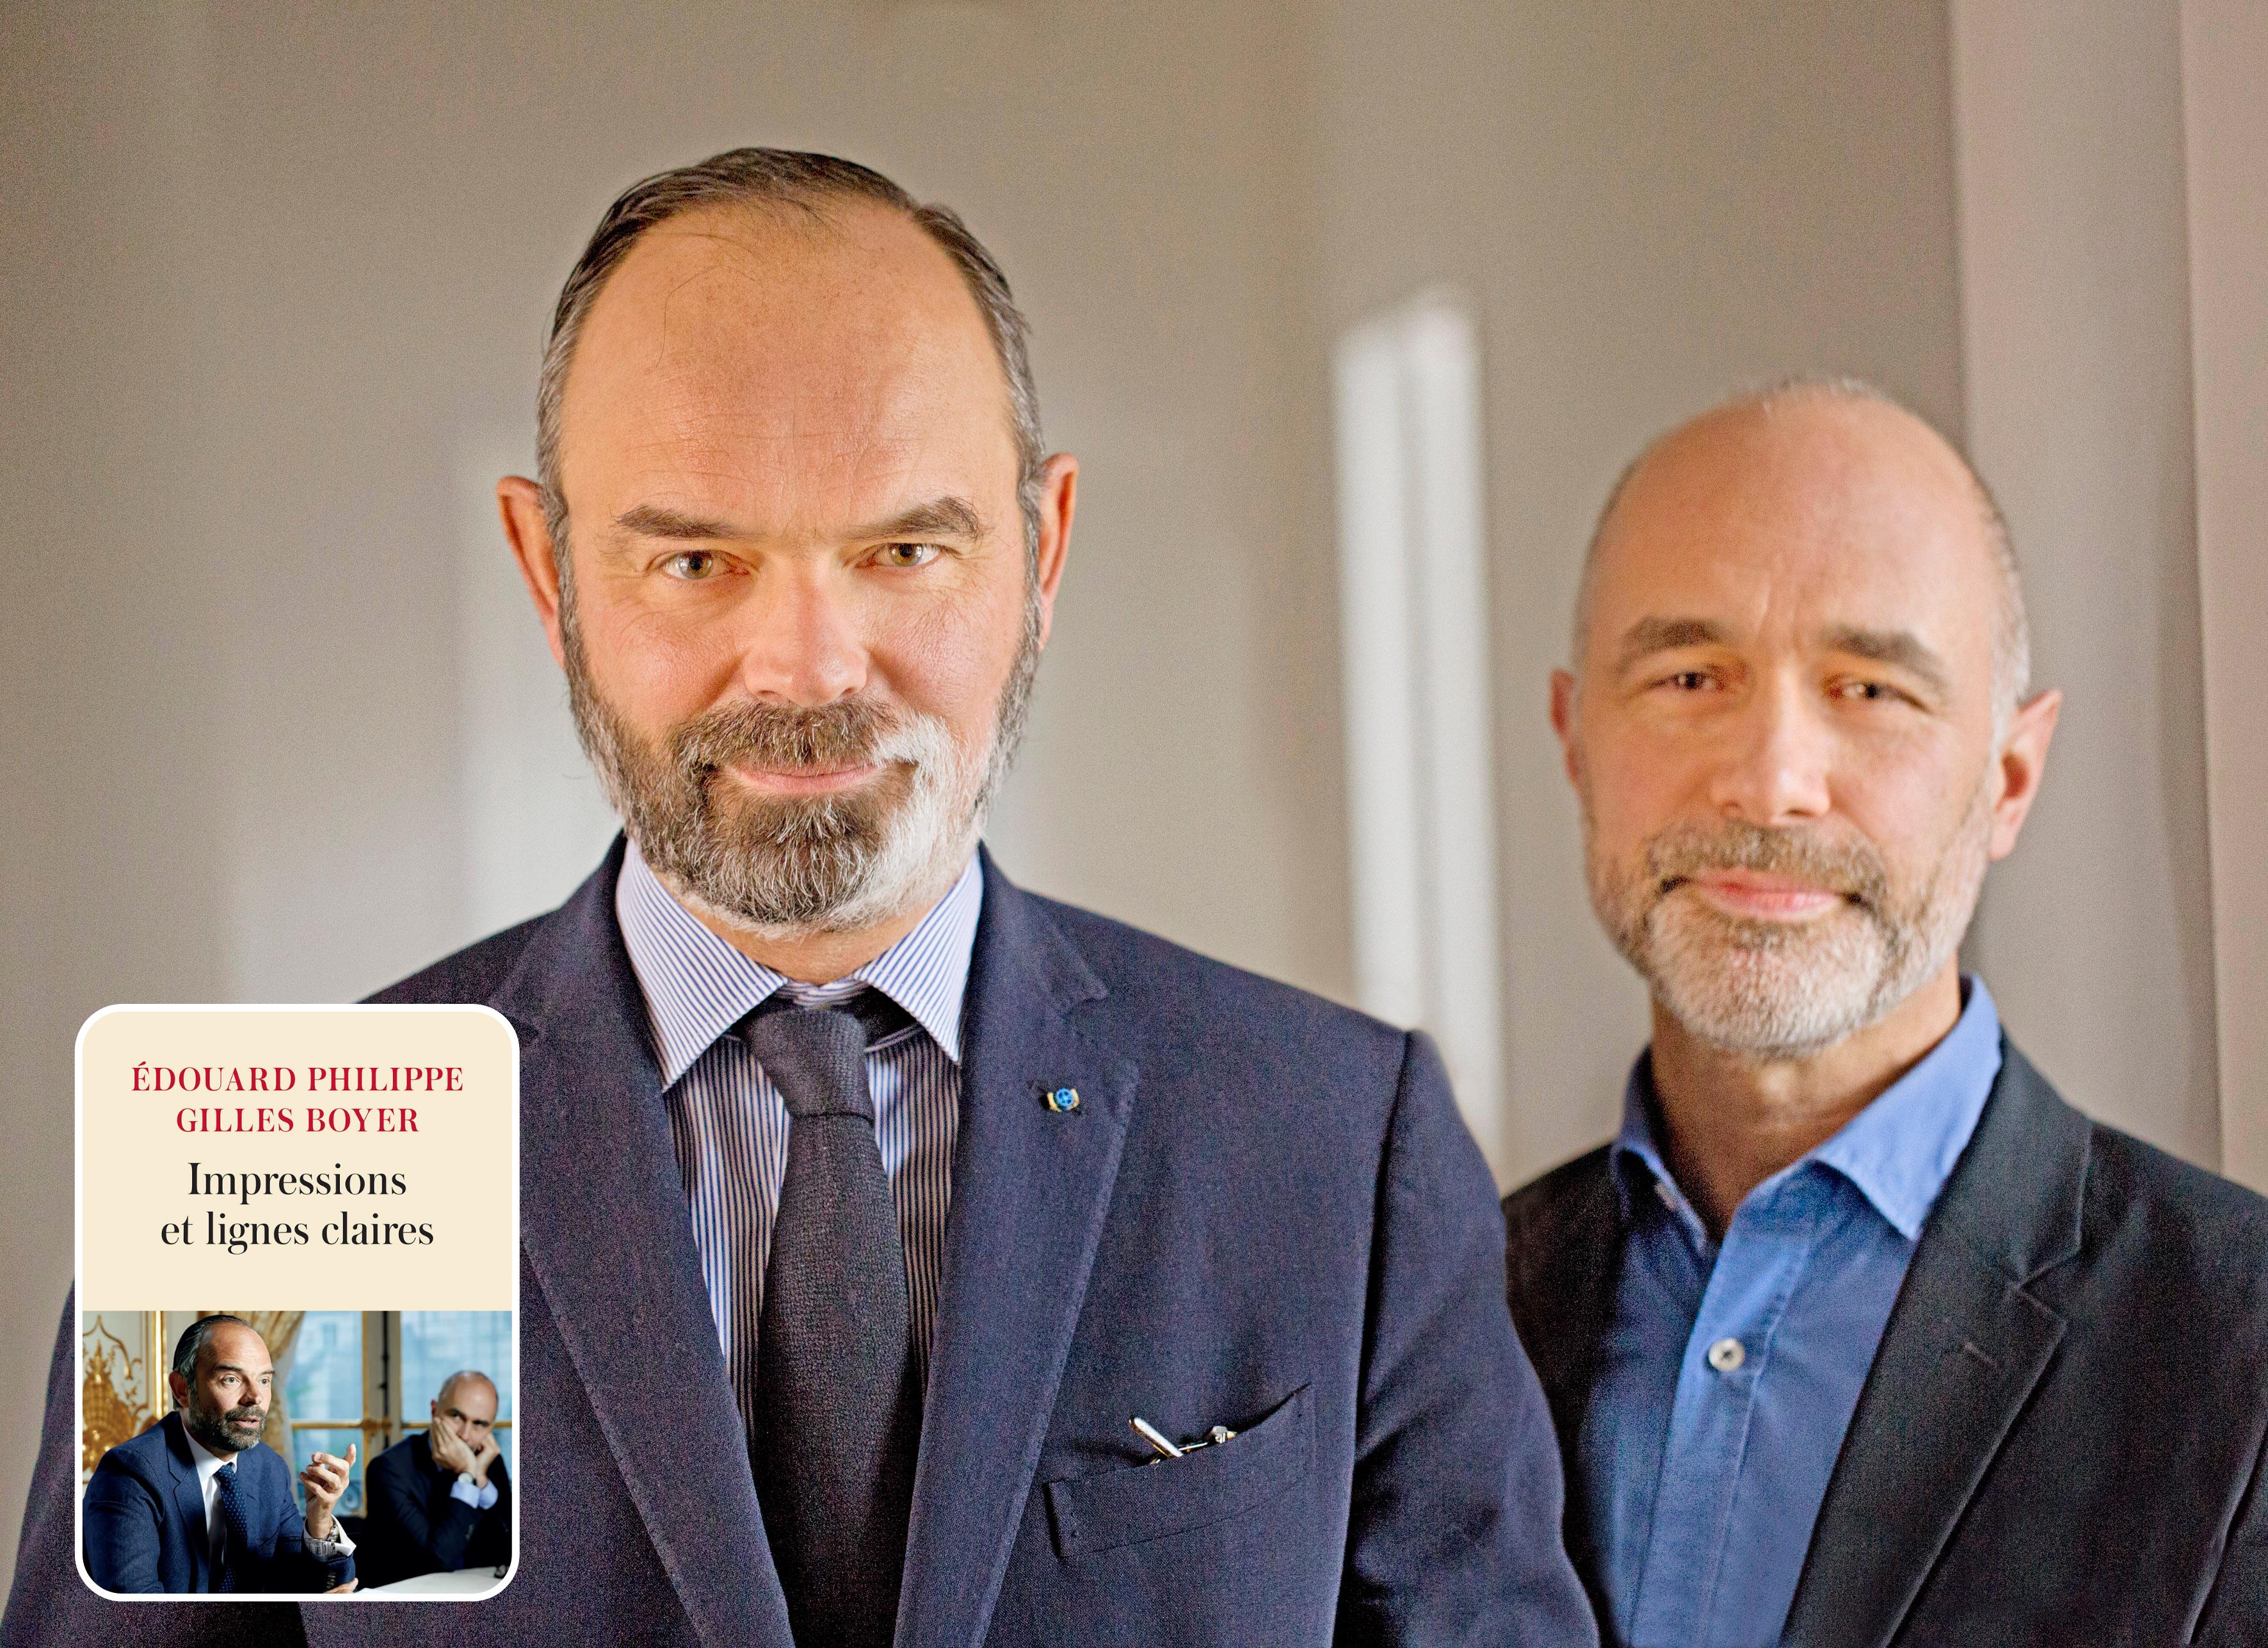 Dédicace Édouard Philippe et Gilles